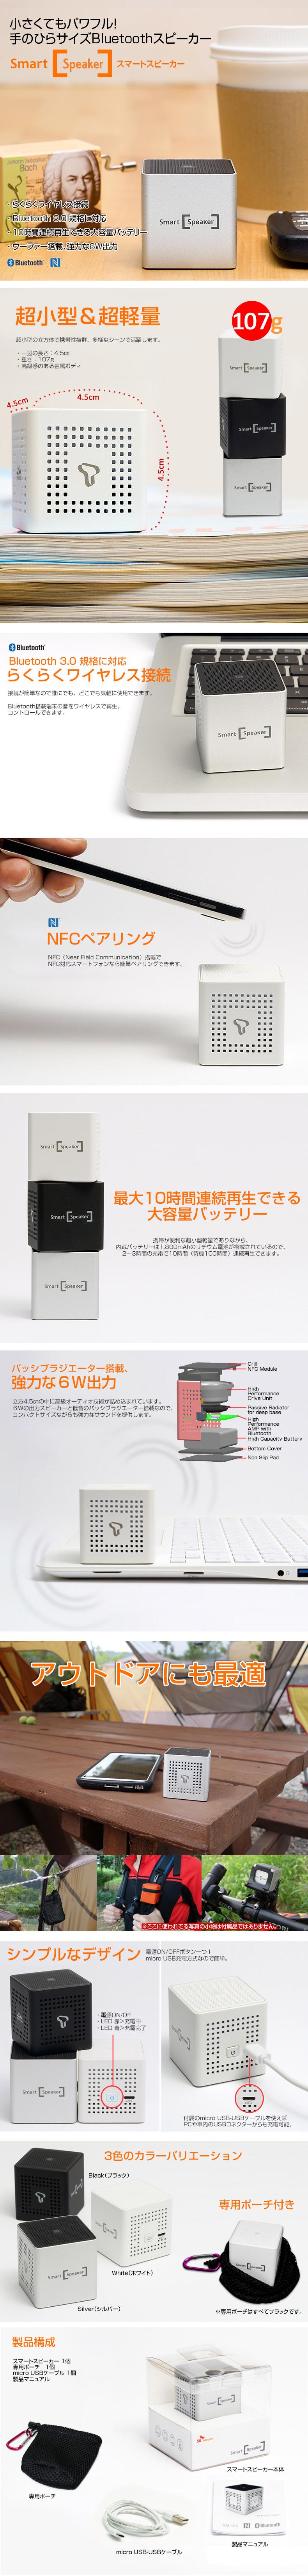 商品詳細-Smart Speaker(スマートスピーカー)